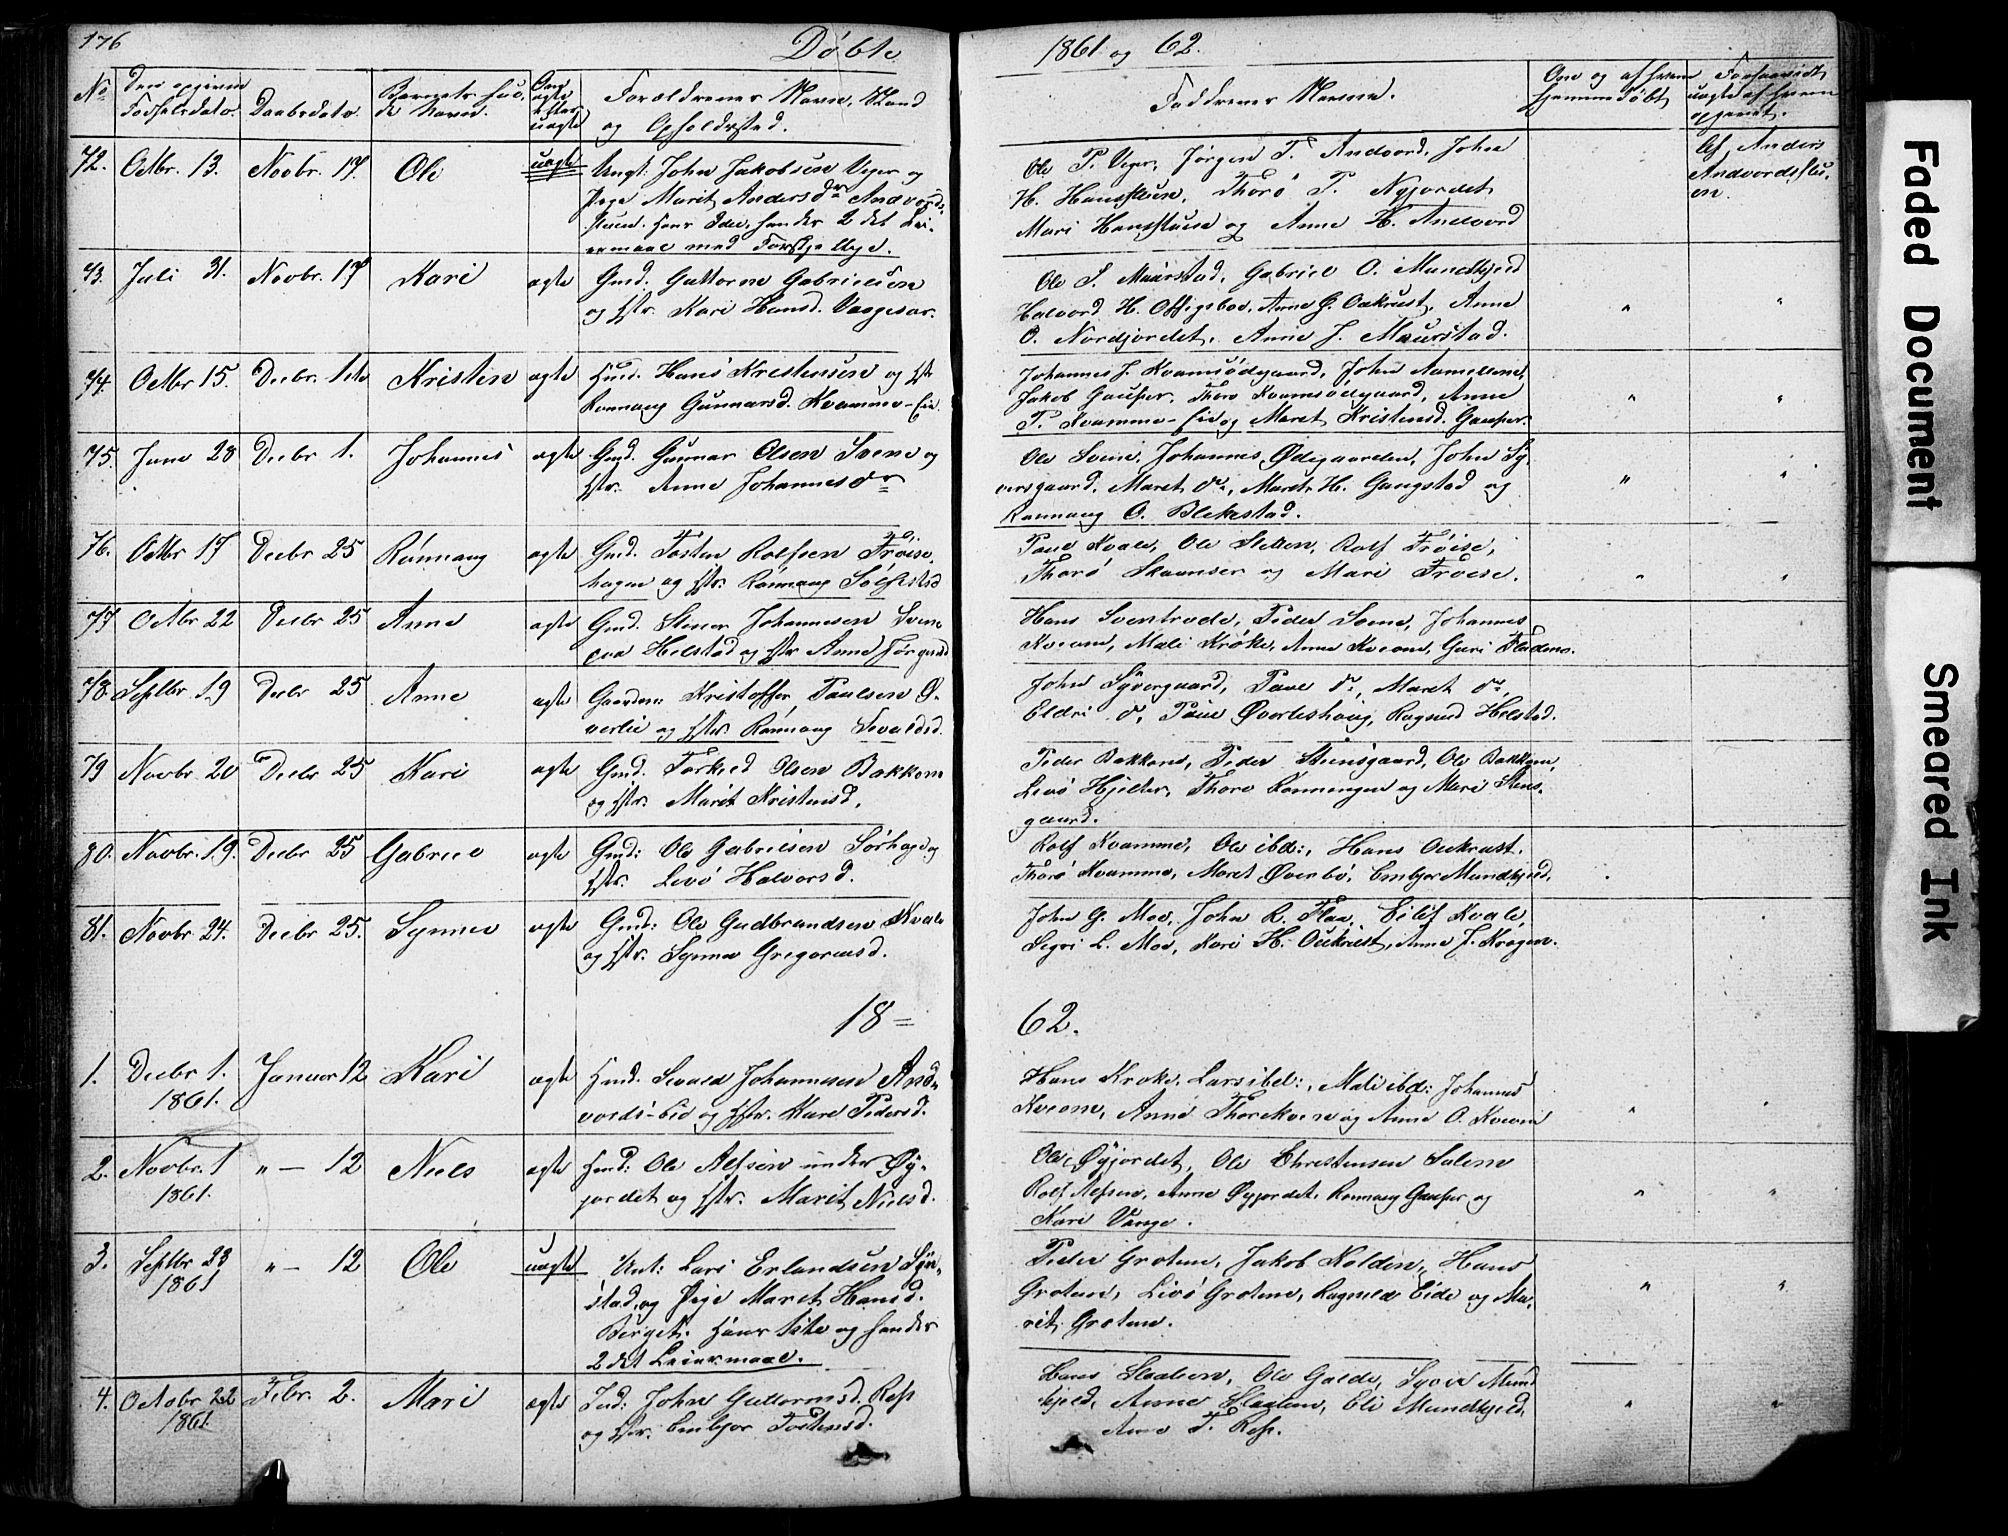 SAH, Lom prestekontor, L/L0012: Klokkerbok nr. 12, 1845-1873, s. 176-177